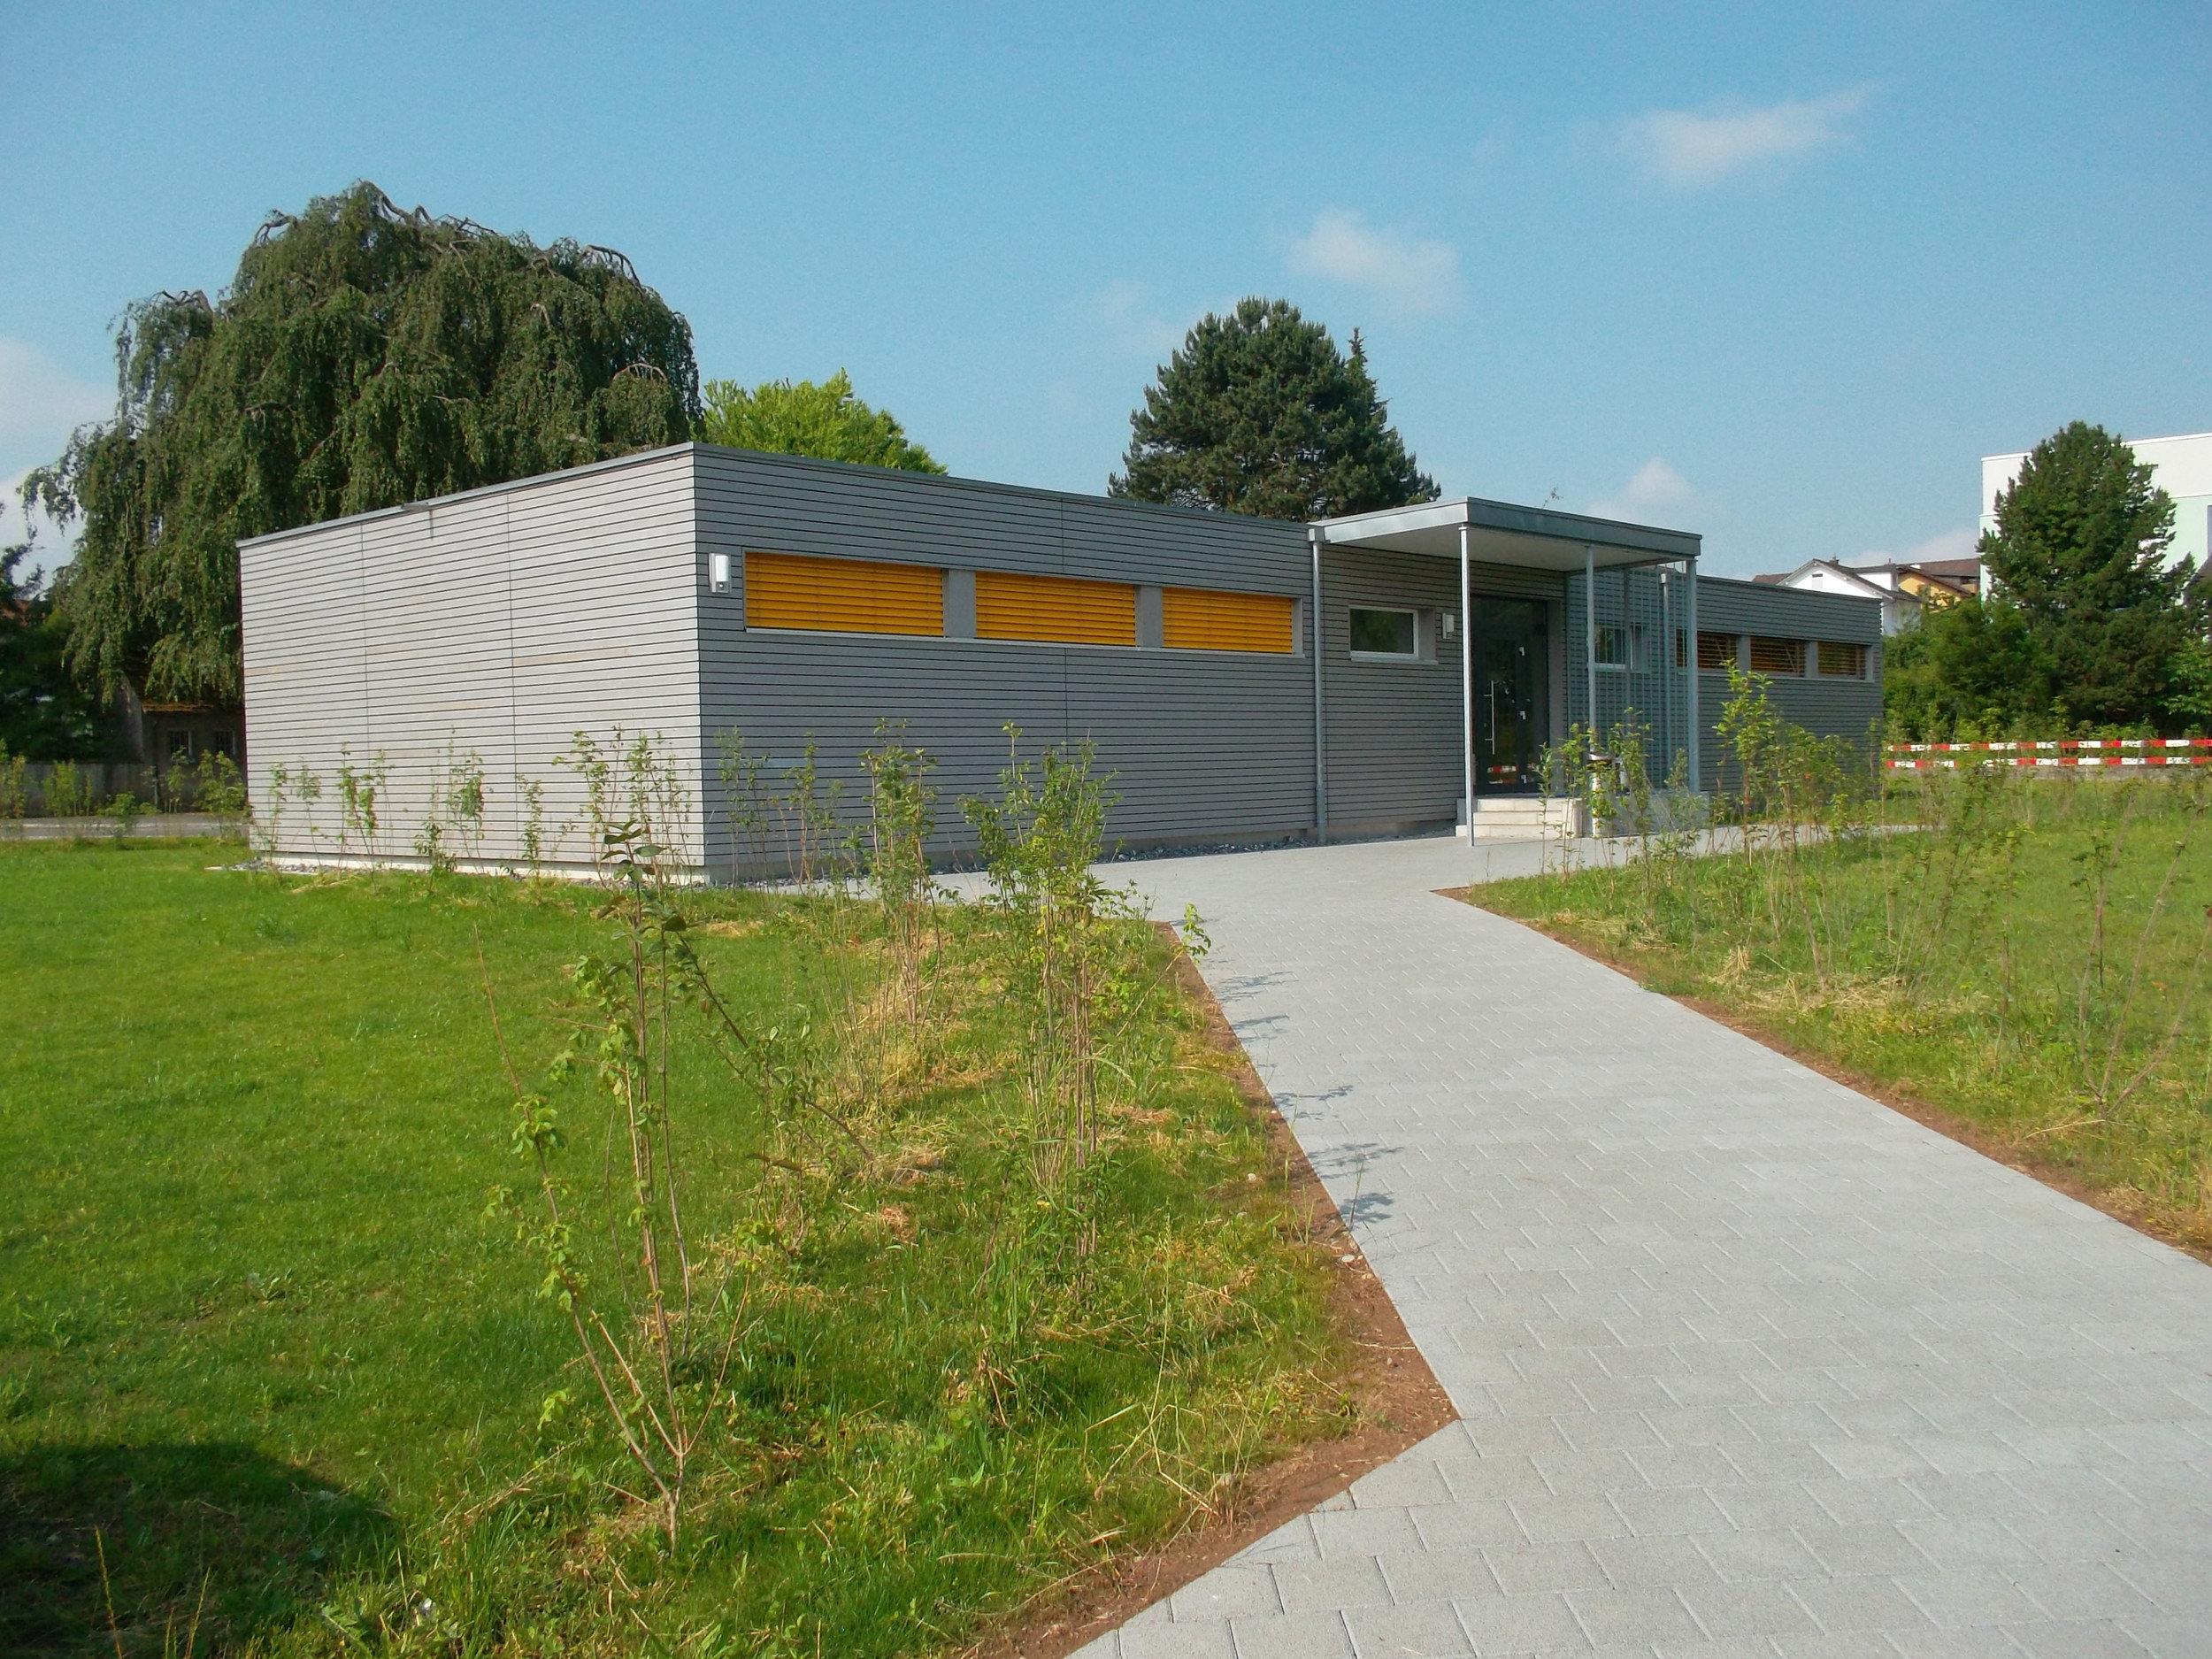 1-geschossiges Schulgebäude mit gleichmässiger Fensteranordnung